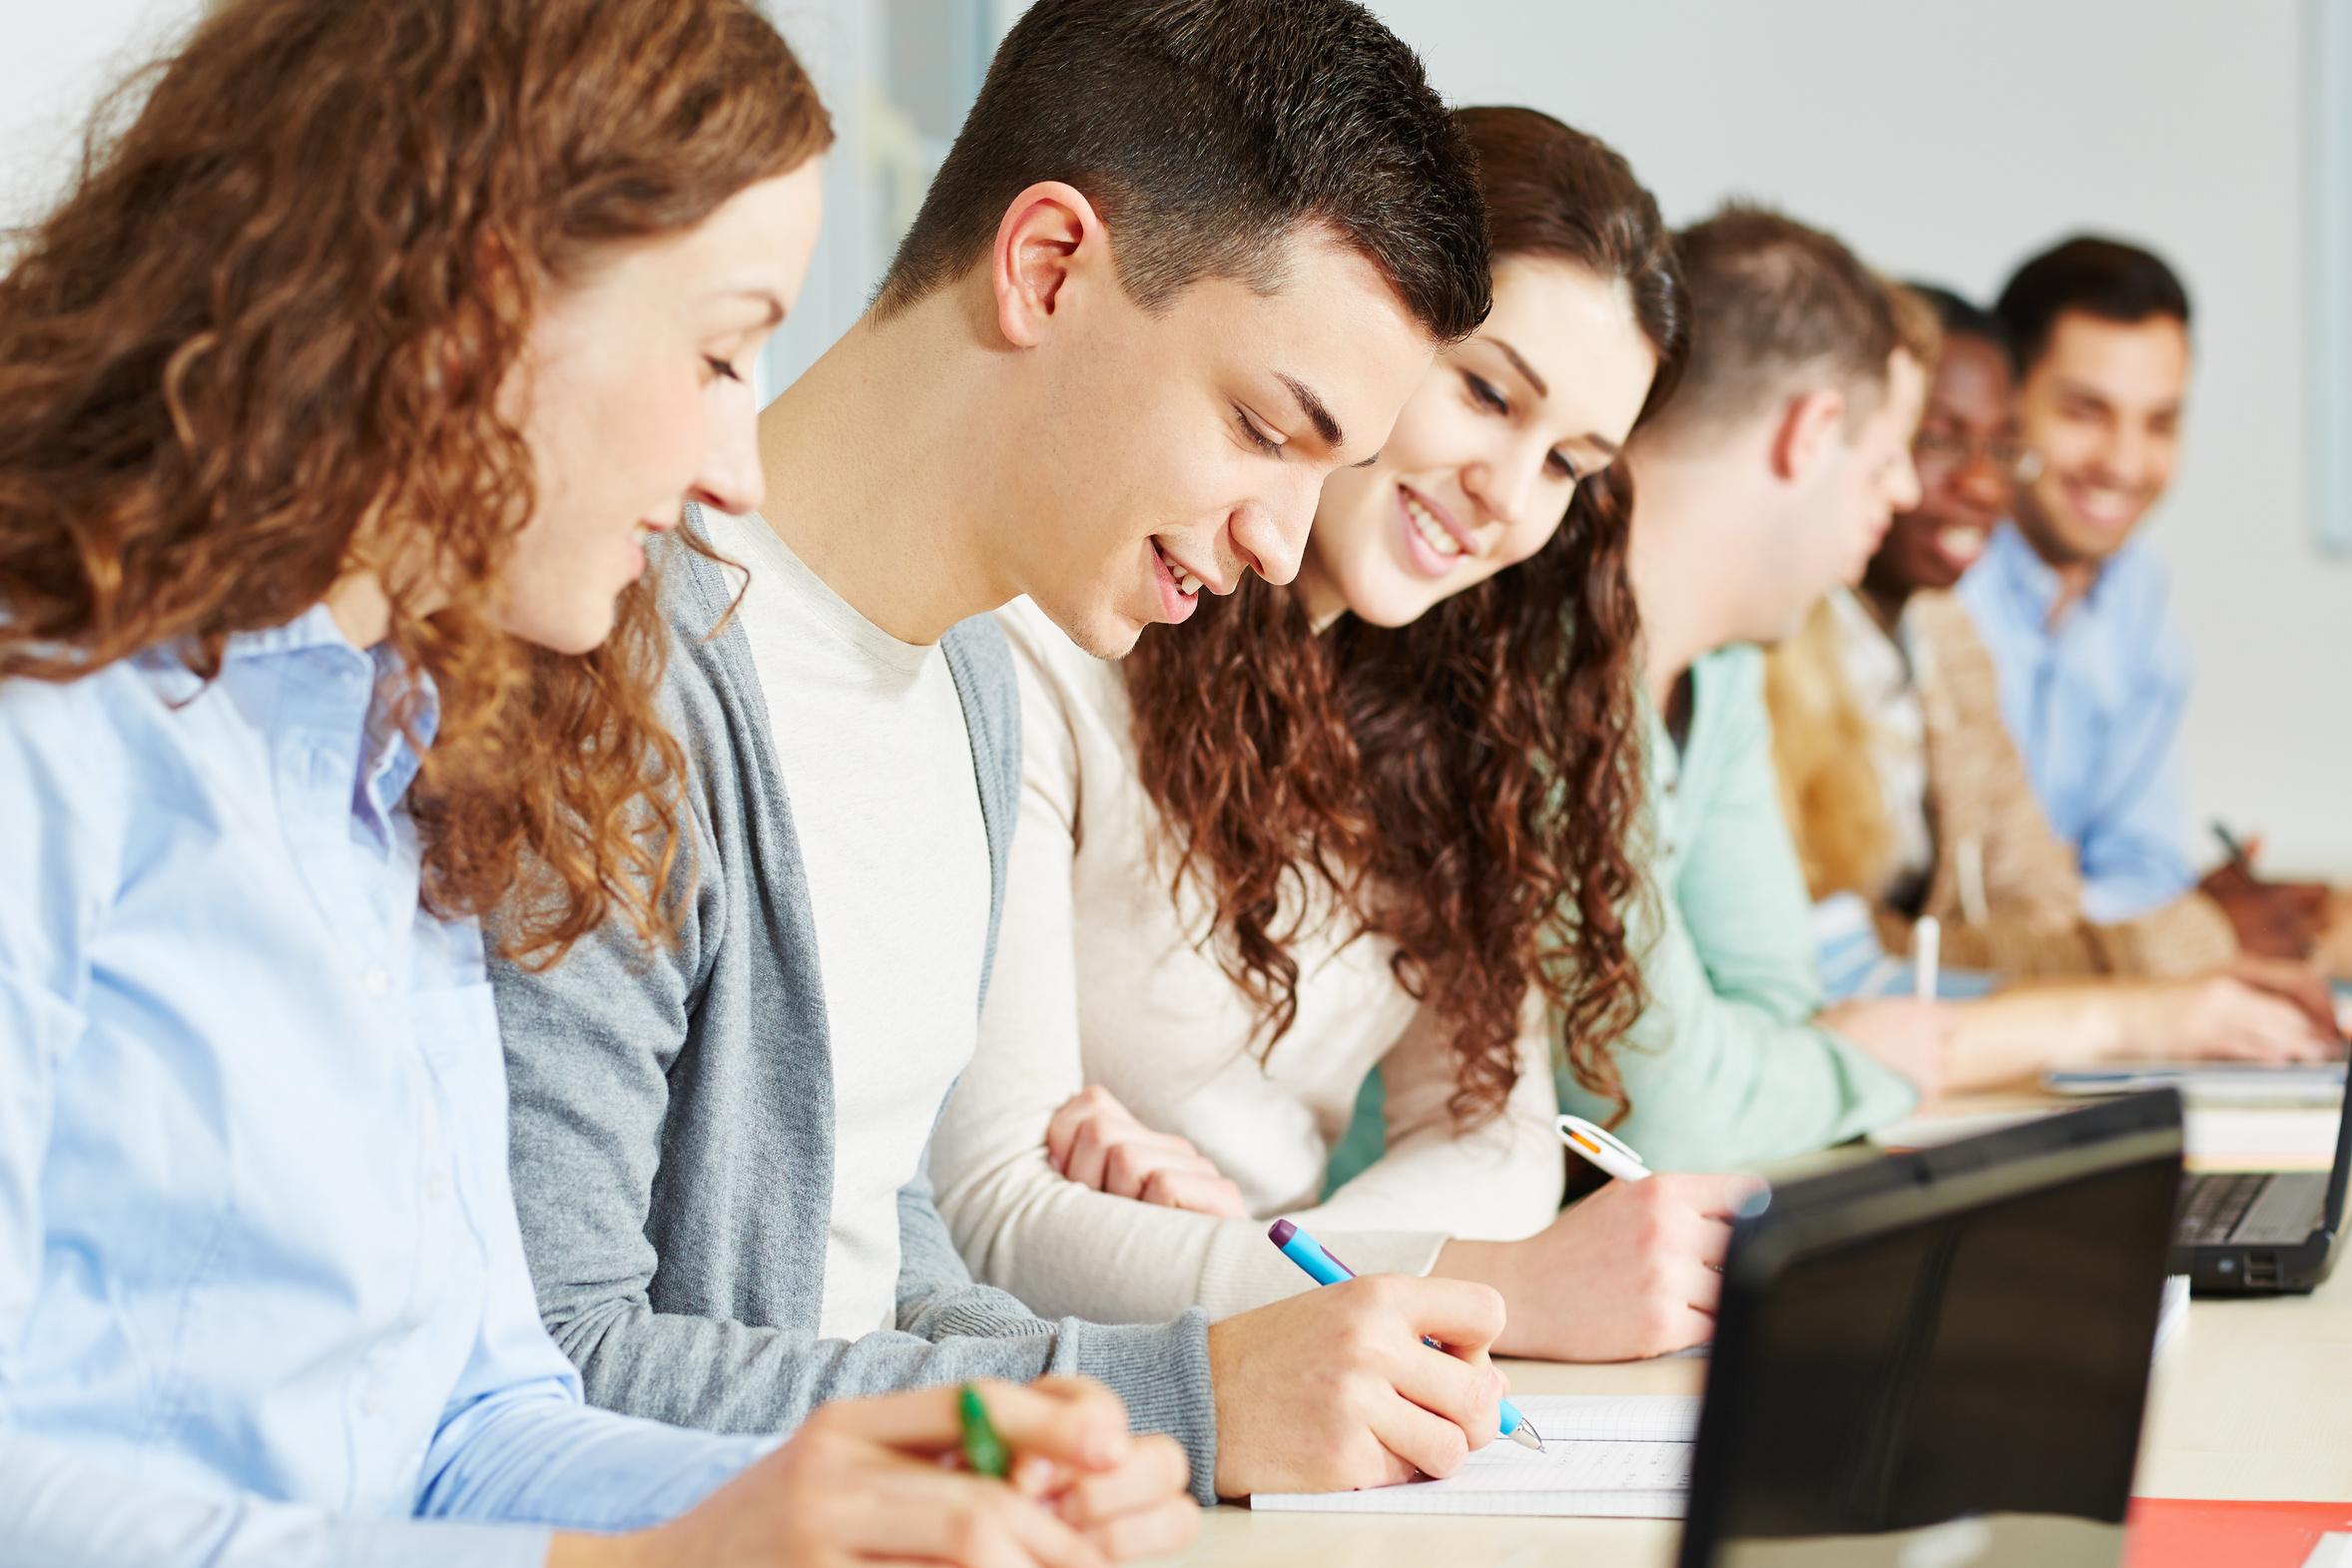 Lachende Schüler sitzen gemeinsam im Unterricht an einer Schule